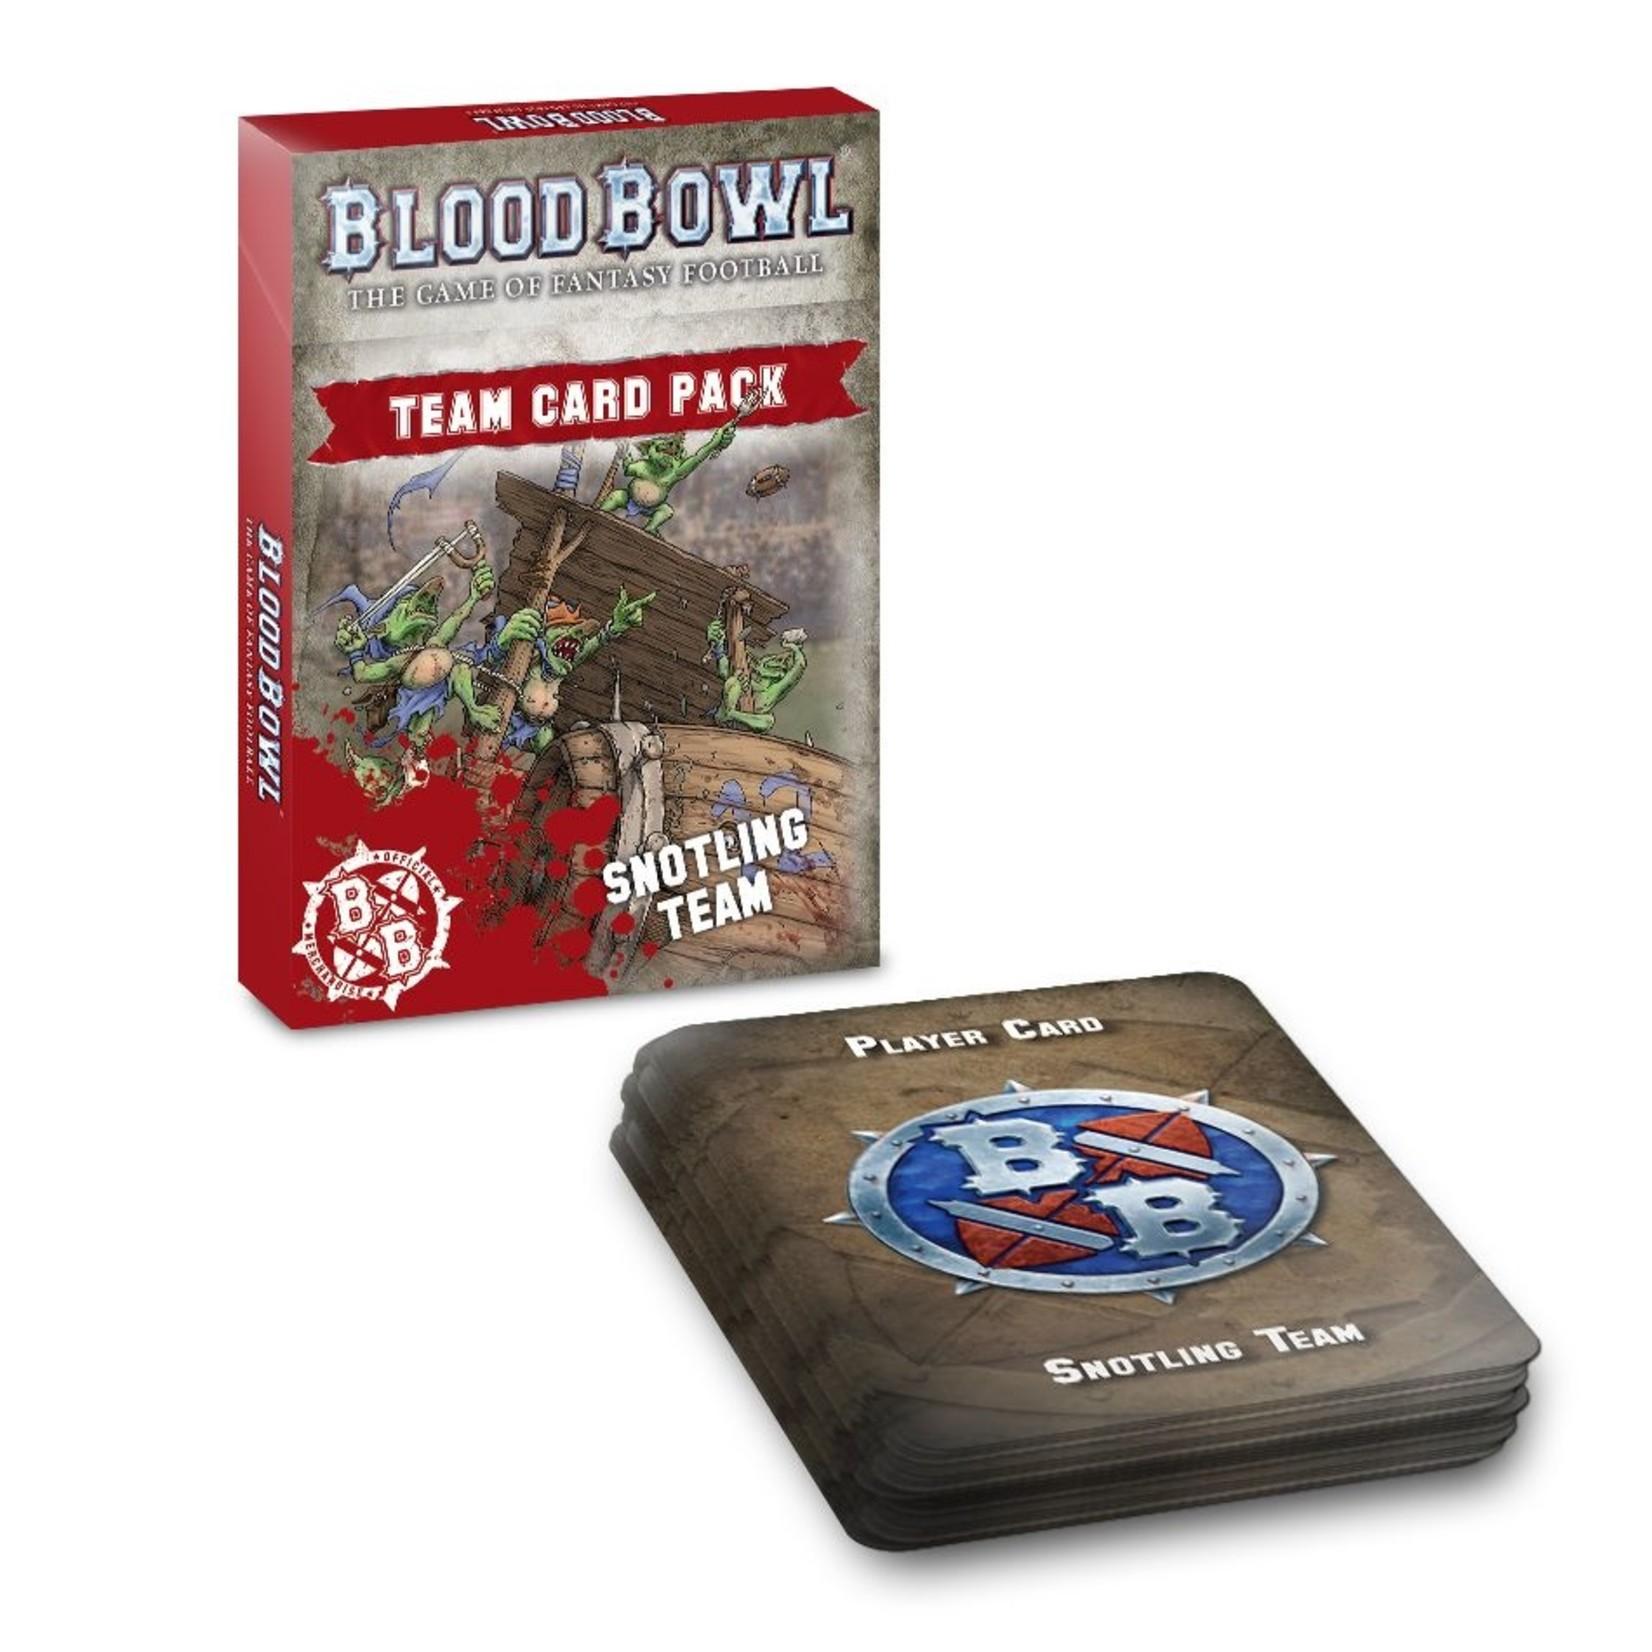 Games Workshop BLOOD BOWL: SNOTLING TEAM CARD PACK